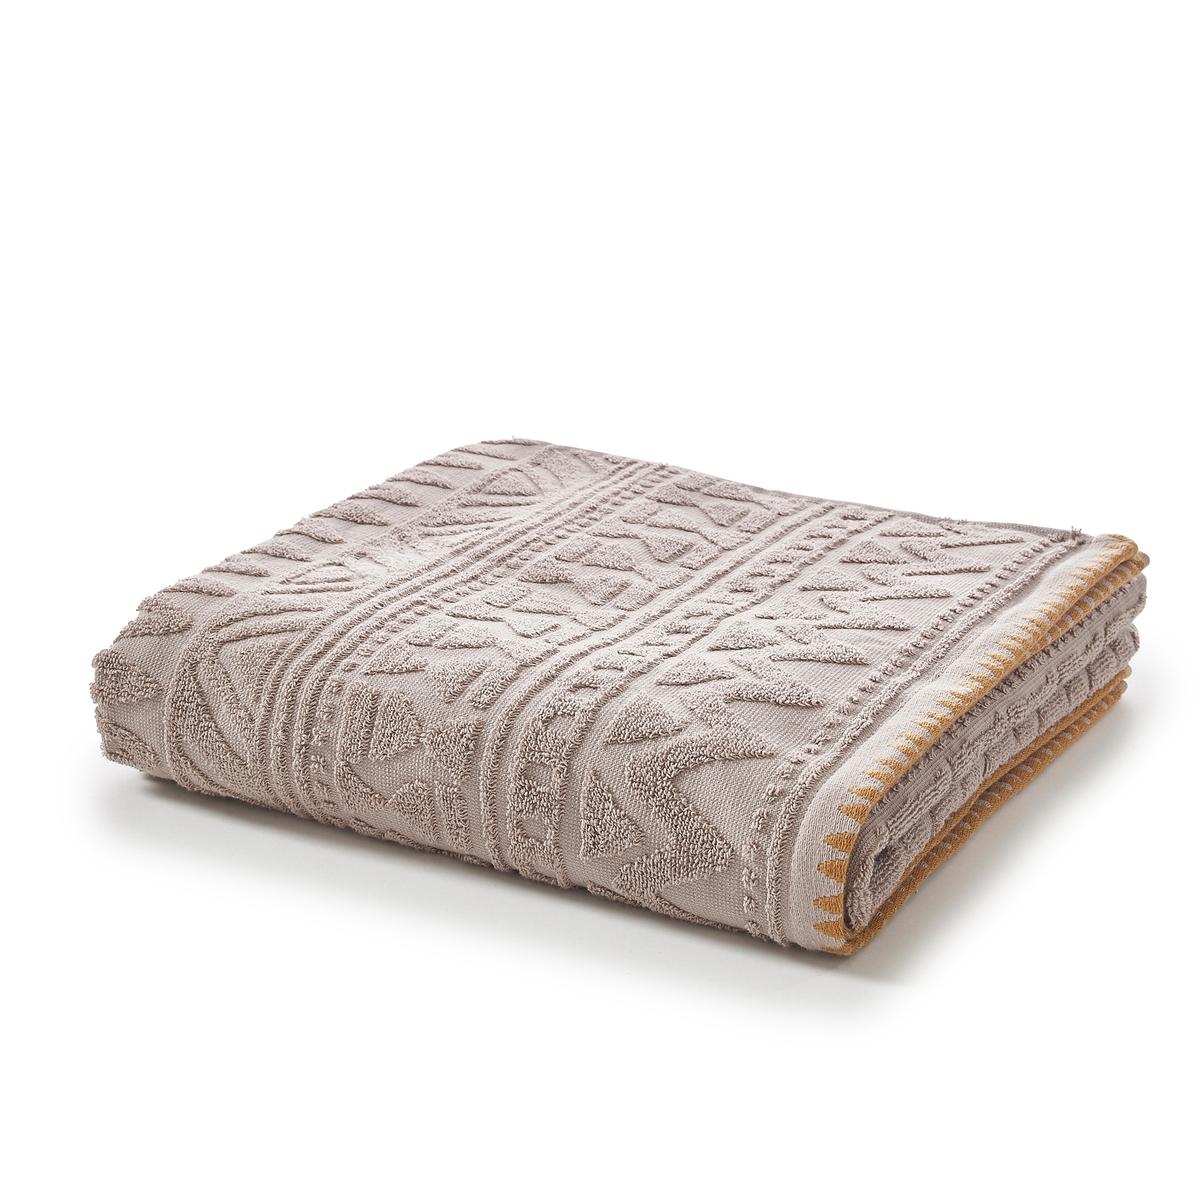 Полотенце банное большое из жаккардовой махровой ткани, LimaХарактеристики большого банного полотенца Lima :Жаккардовая махровая ткань, 100% хлопок, 500 г/м?.Отделка кантом контрастного цвета.Машинная стирка при 60 °С.Всю коллекцию текстиля для ванной Lima вы можете найти на сайте laredoute.ruРазмеры большого банного полотенца :100 x 150 см<br><br>Цвет: белый,серо-коричневый